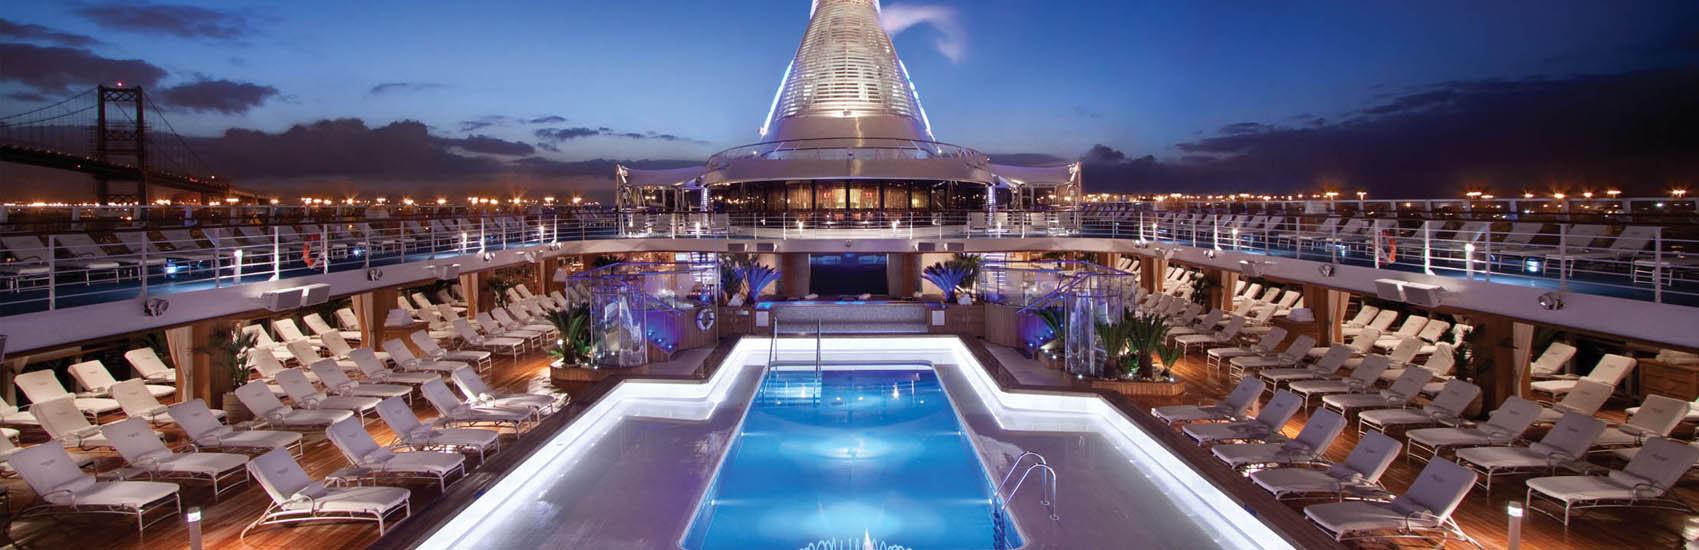 Économisez sur votre prochaine aventure avec Oceania Cruises 1